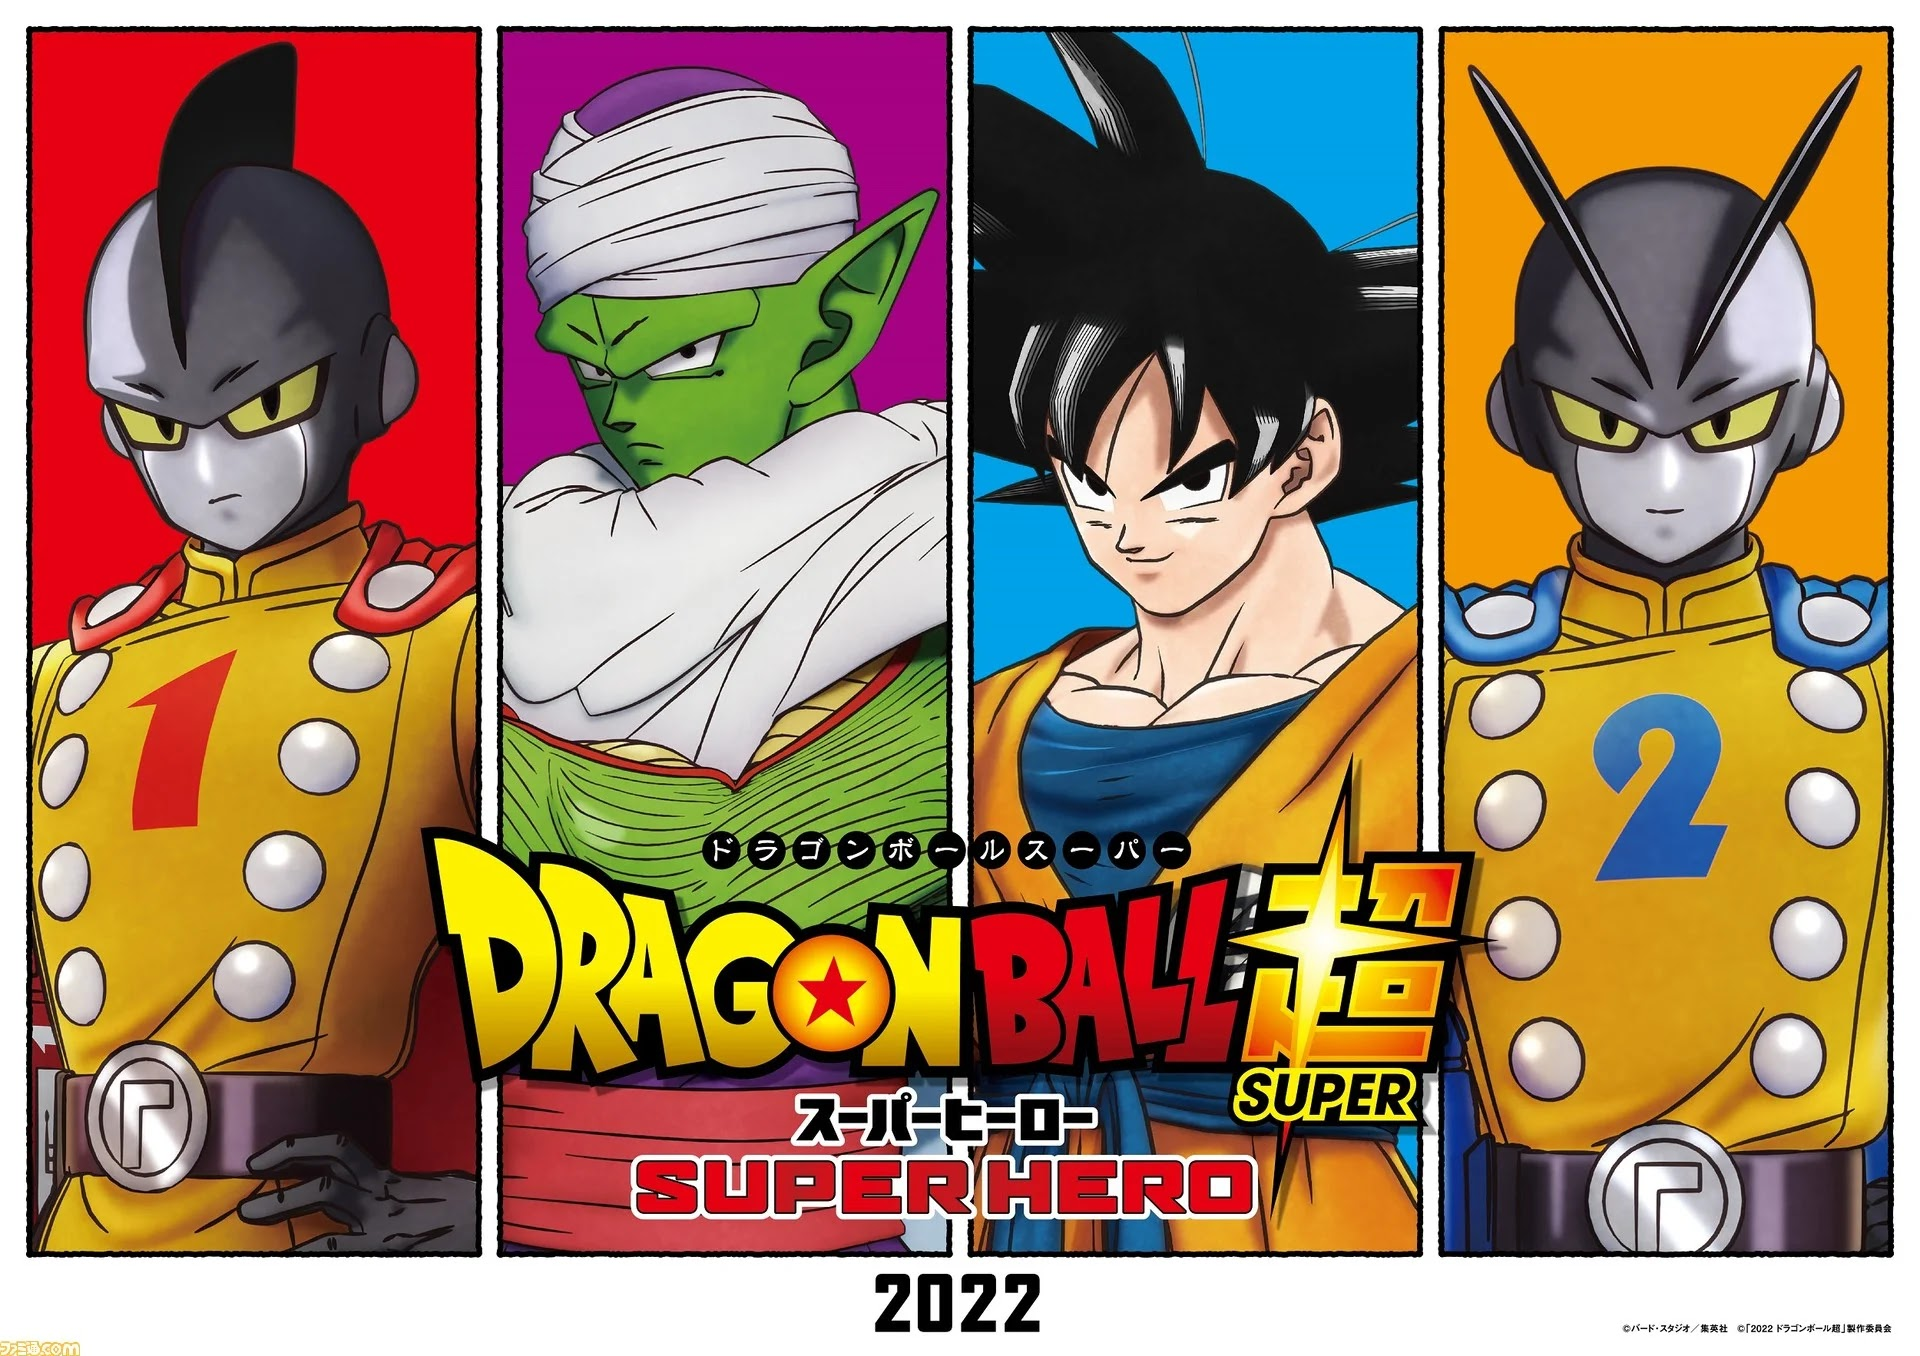 O Filme Dragon Ball Super: Super Hero revelou um novo Vídeo Promocional